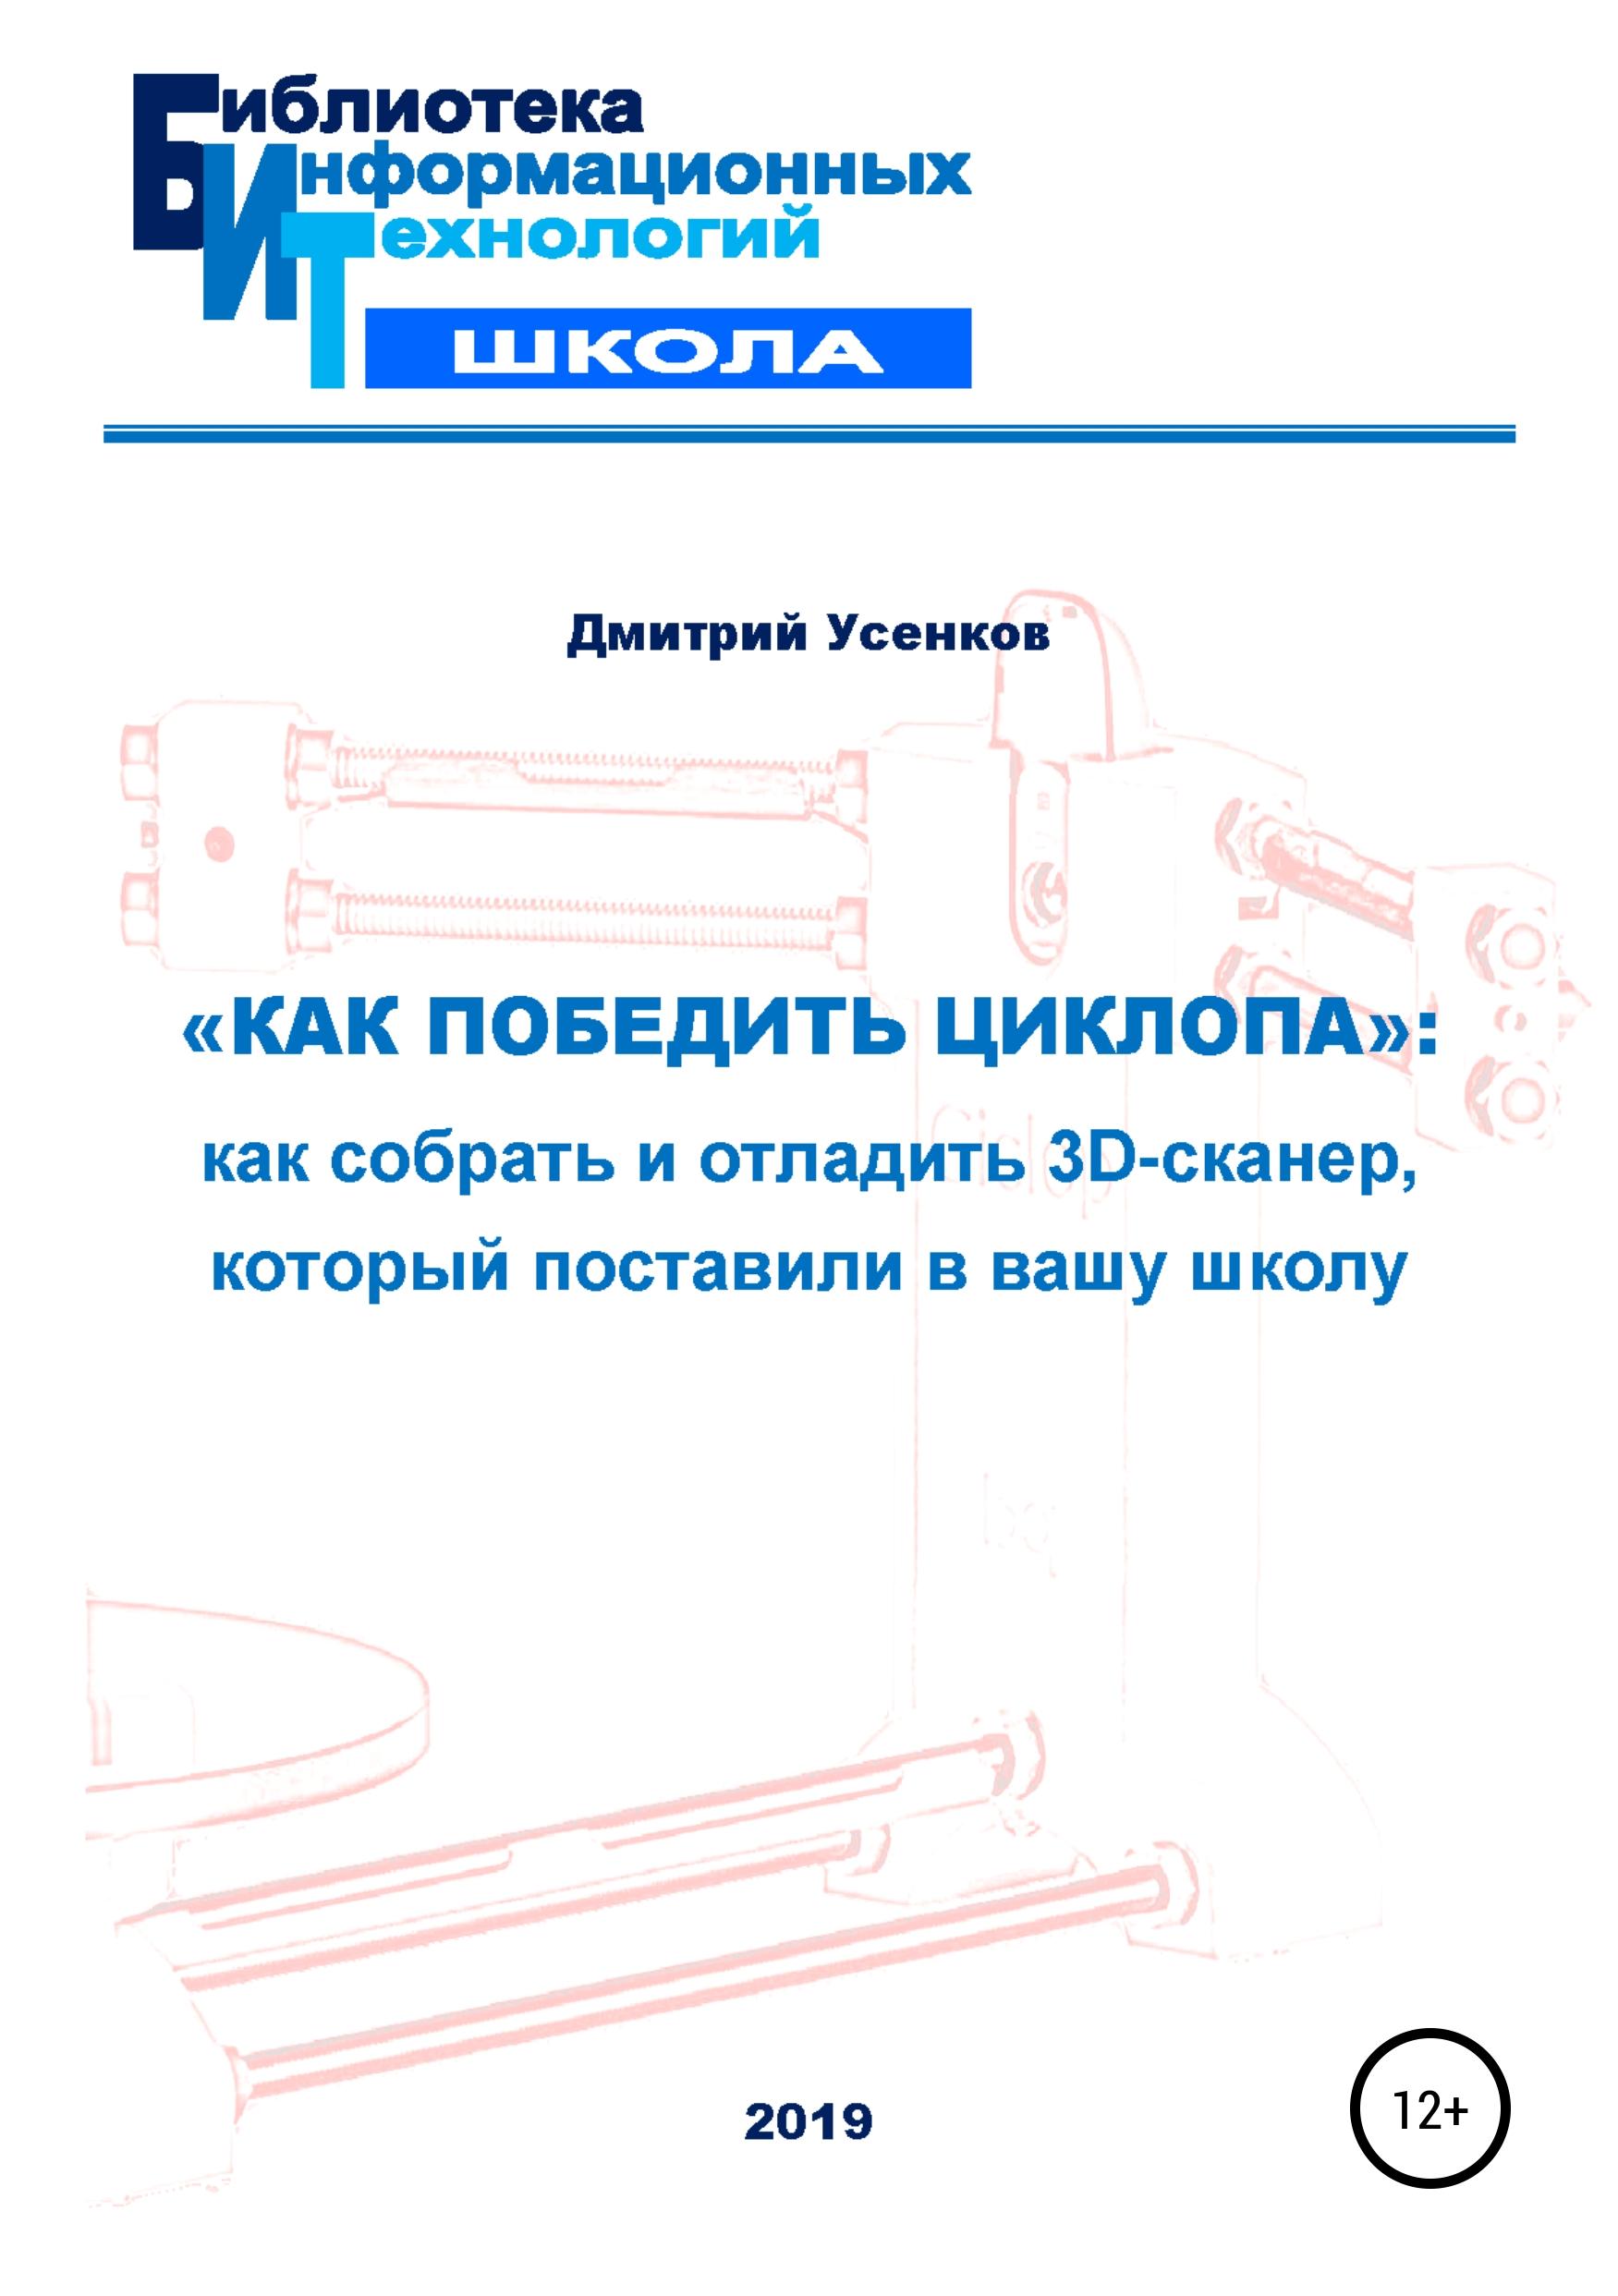 Купить книгу «Как победить циклопа»: как собрать и отладить 3D-сканер, который поставили в вашу школу, автора Дмитрия Юрьевича Усенкова